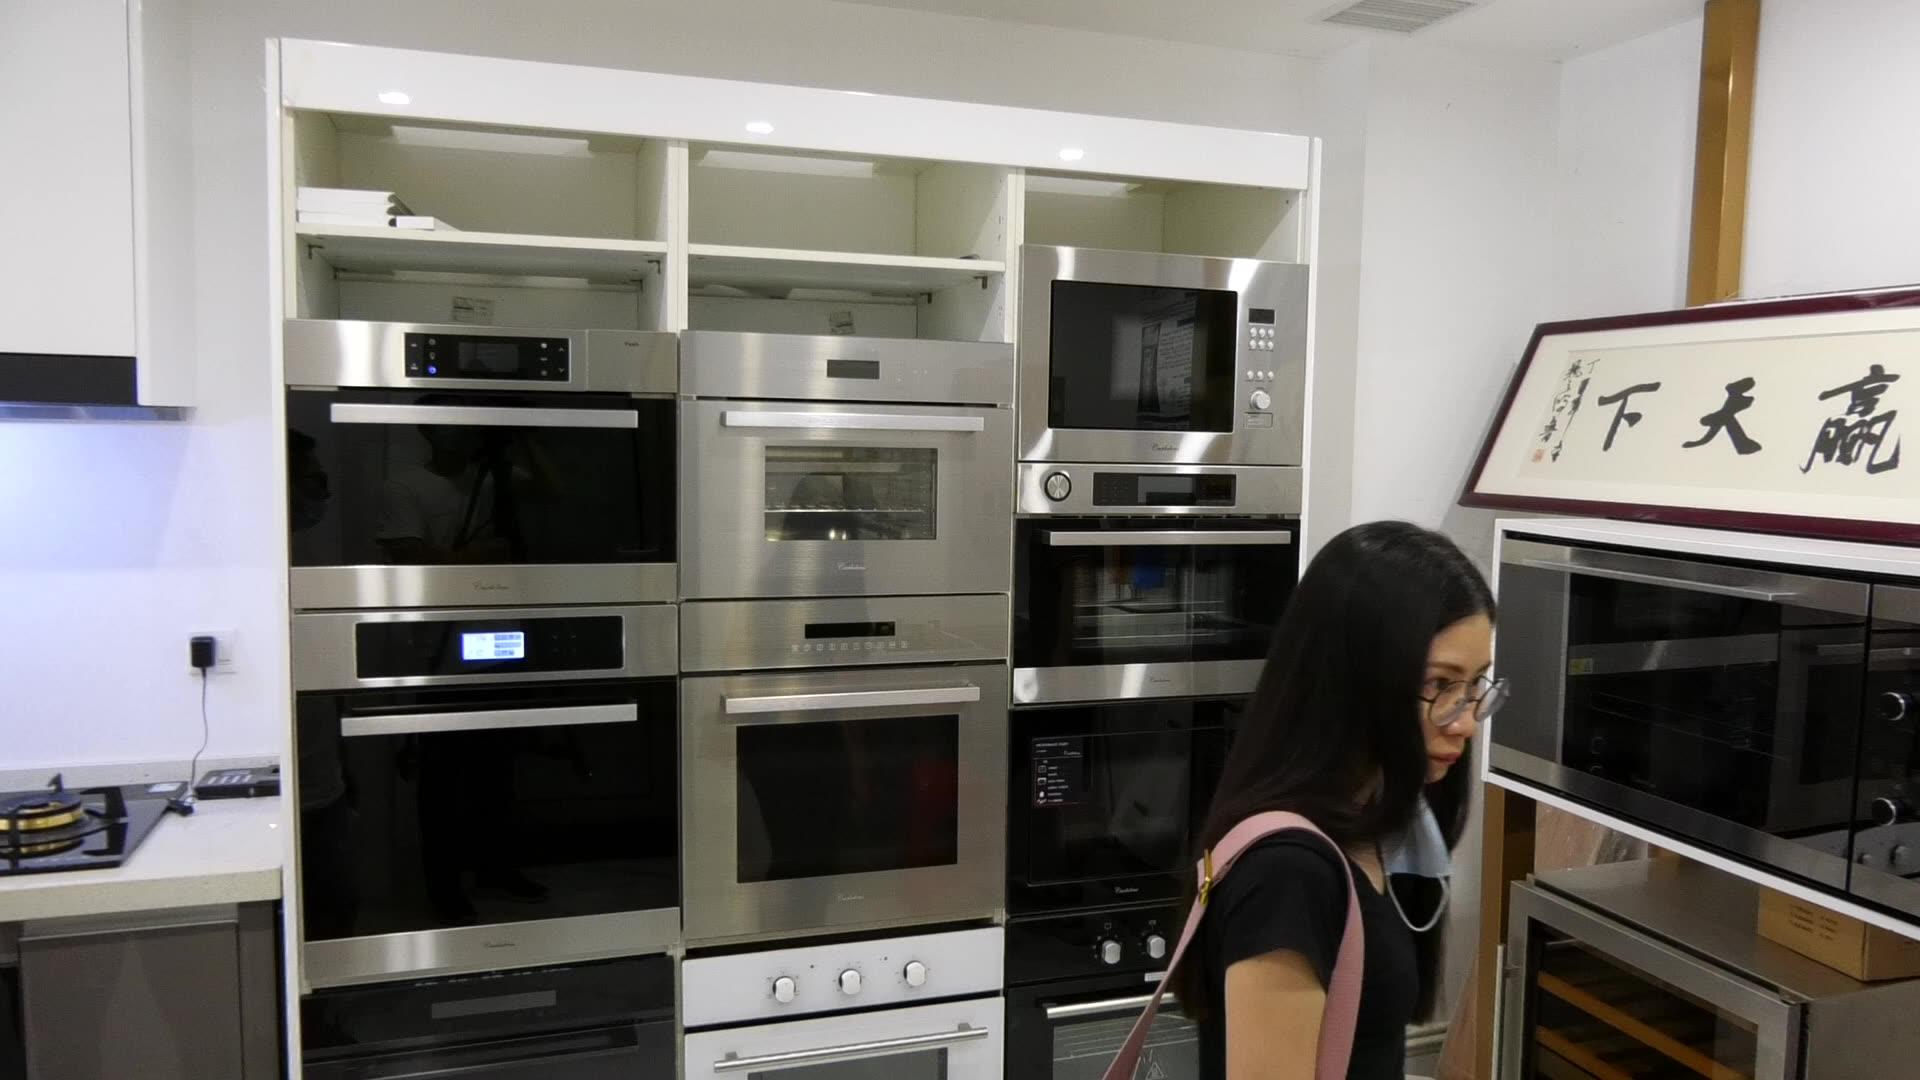 Kein Frost Große Kapazität Französisch Tür Edelstahl Kühlschrank